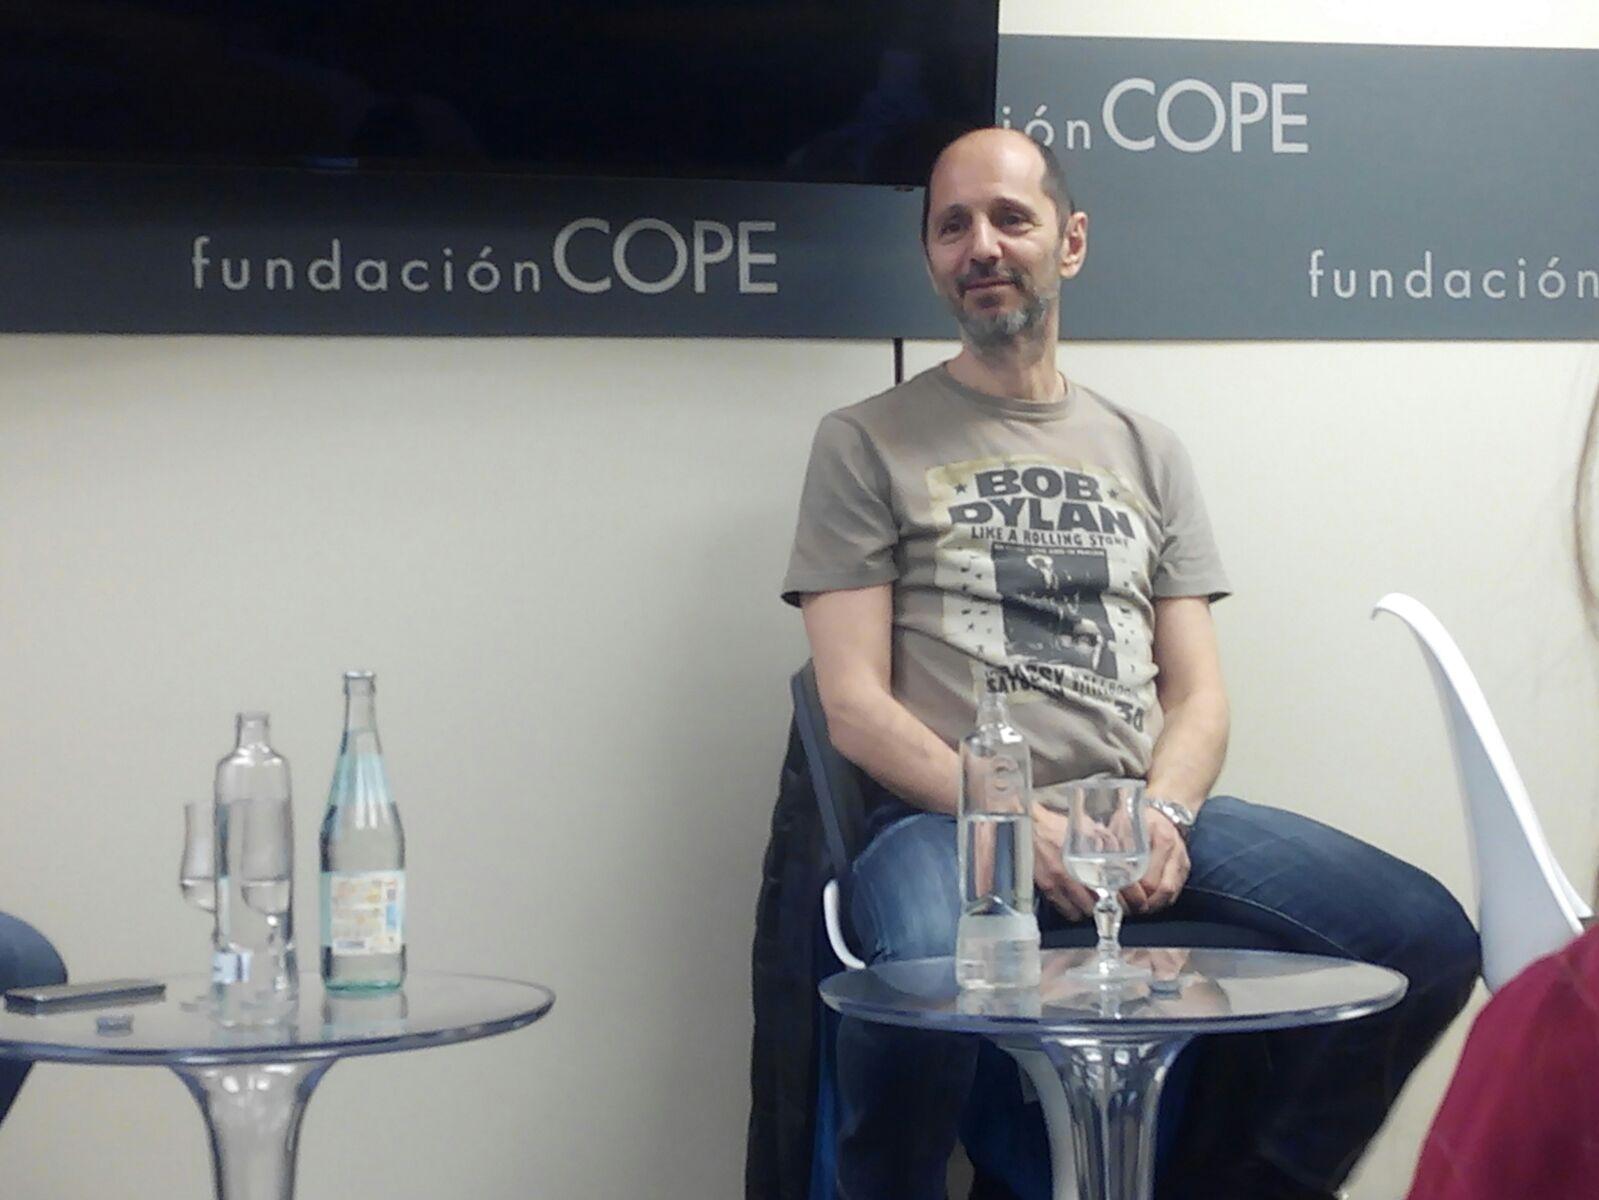 Alejo Stivel en la Fundación COPE